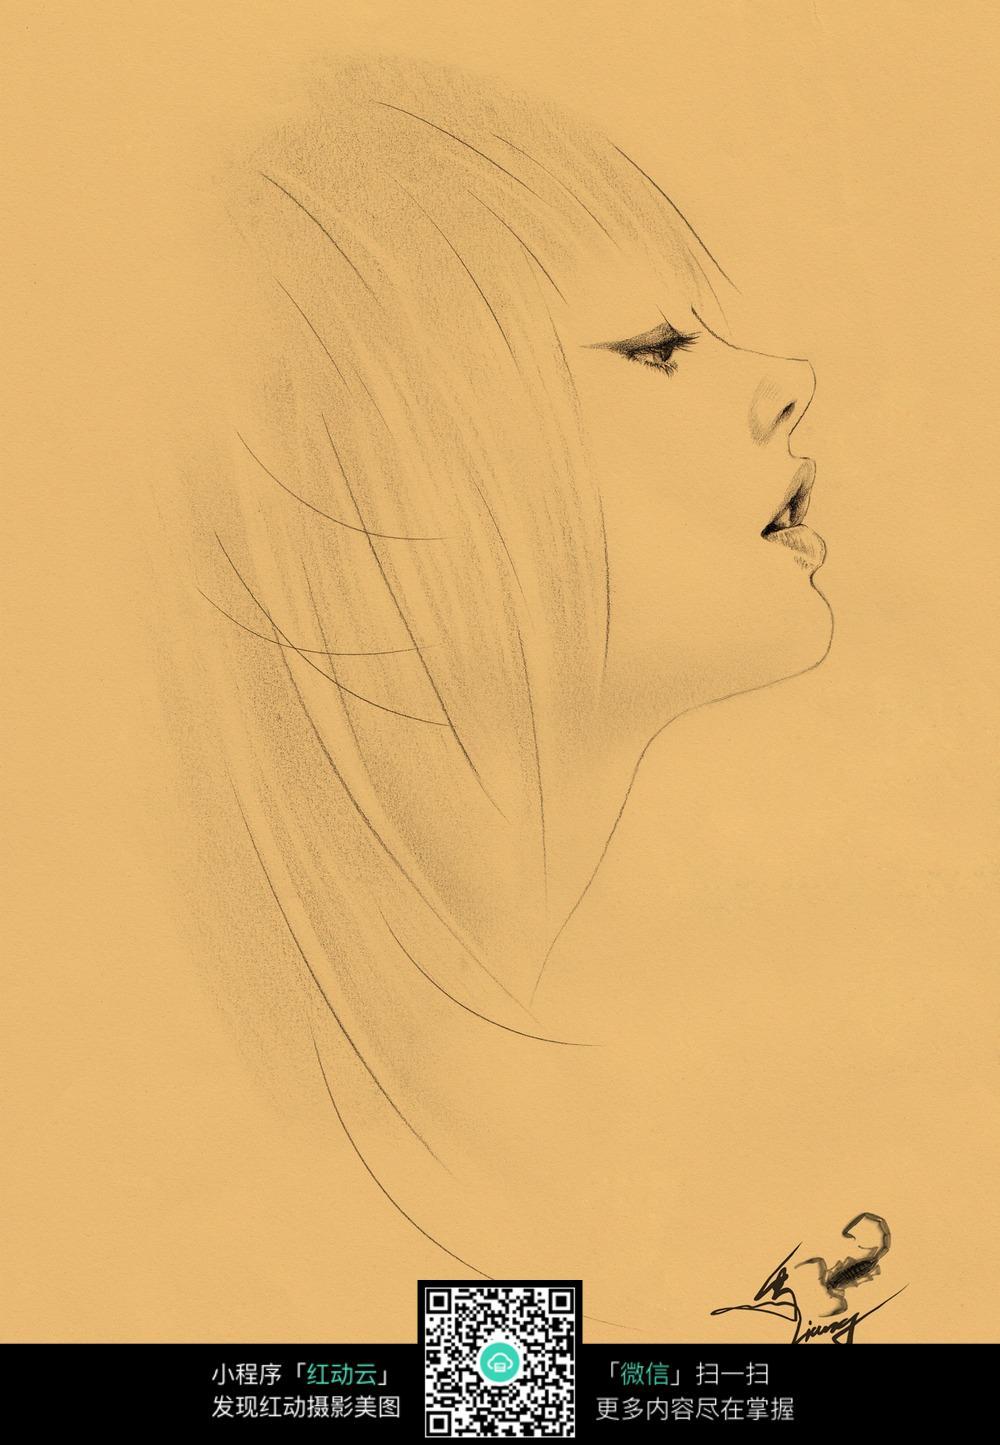 人物侧面素描画